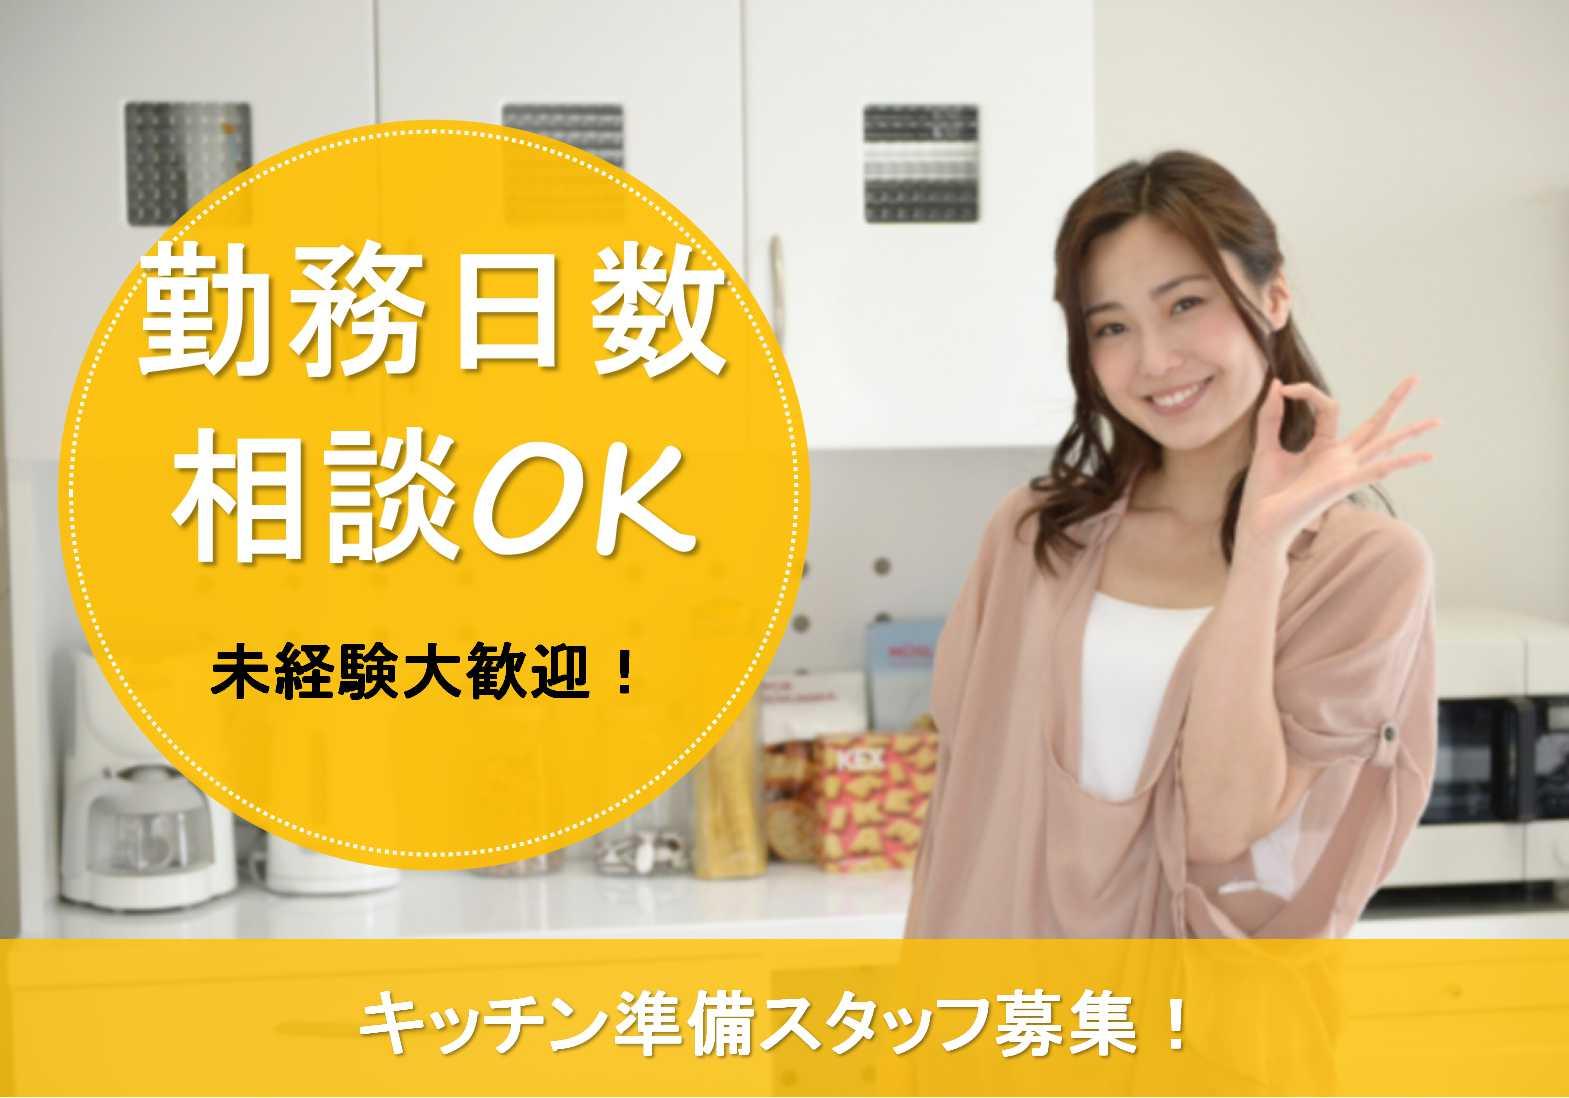 【朝活】しませんか?未経験OKのキッチン準備スタッフ【即面談可能】 イメージ